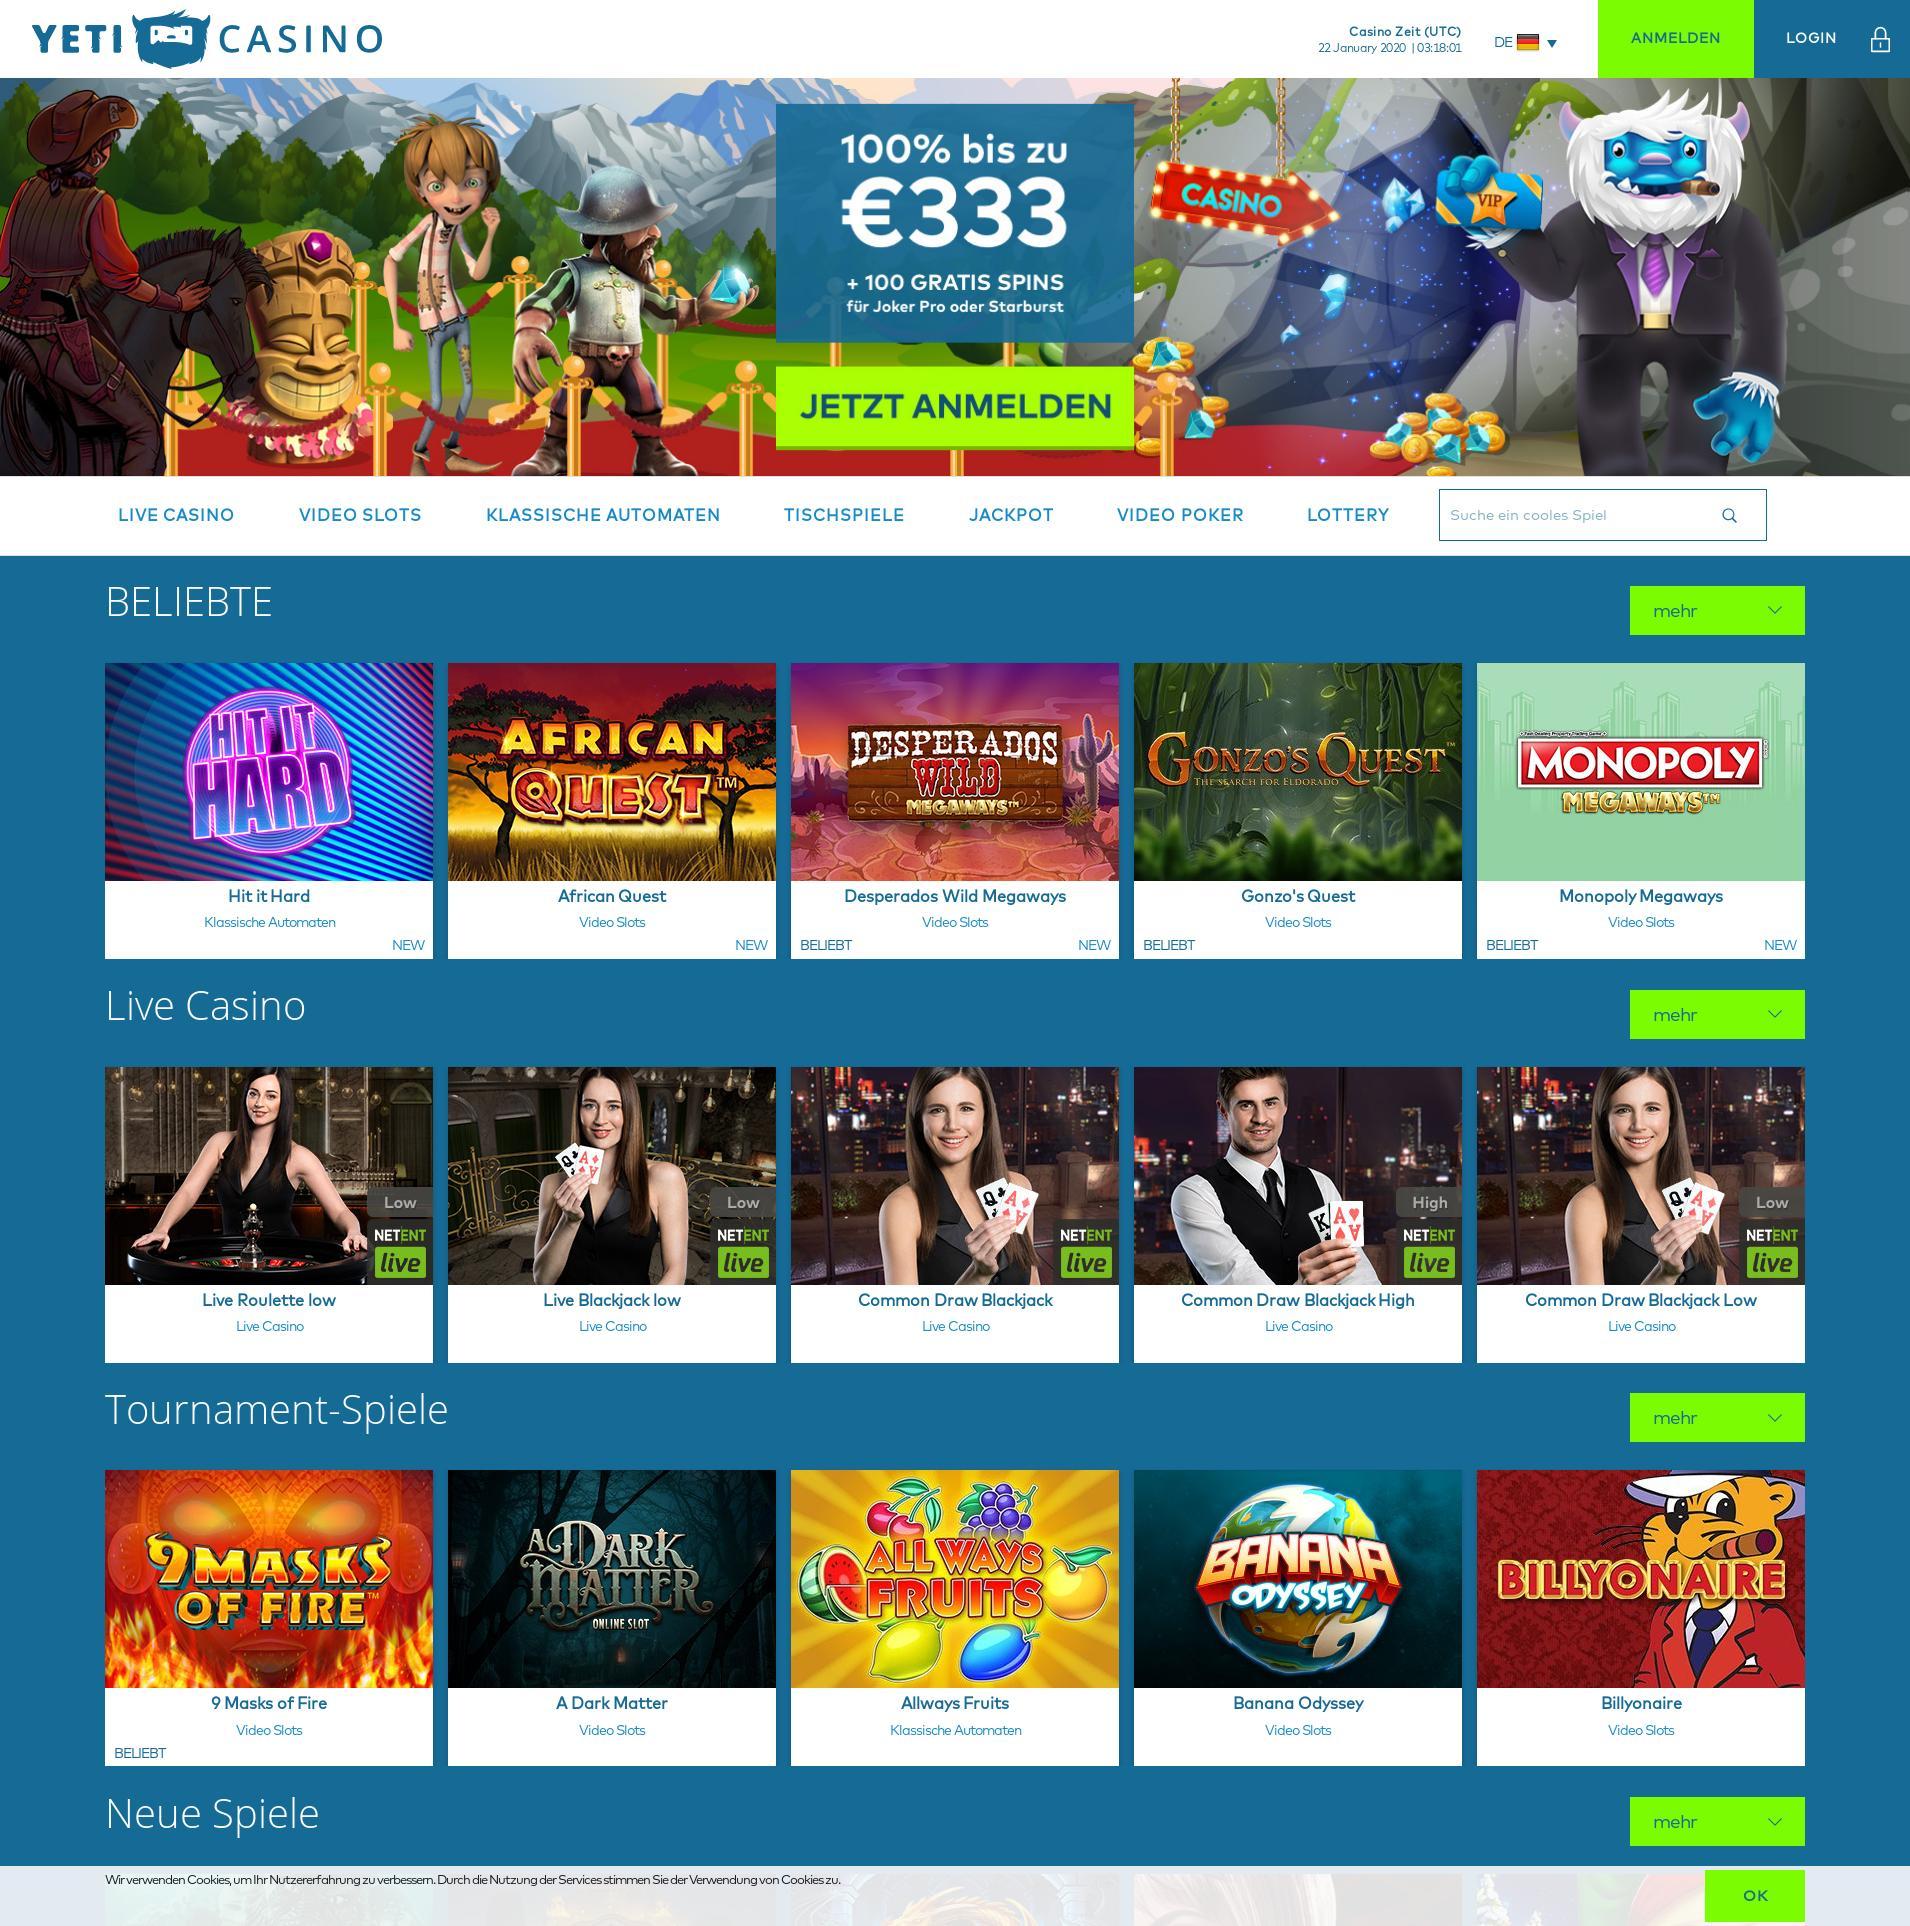 Casino Bildschirm Lobby 2020-01-22 zum Deutschland